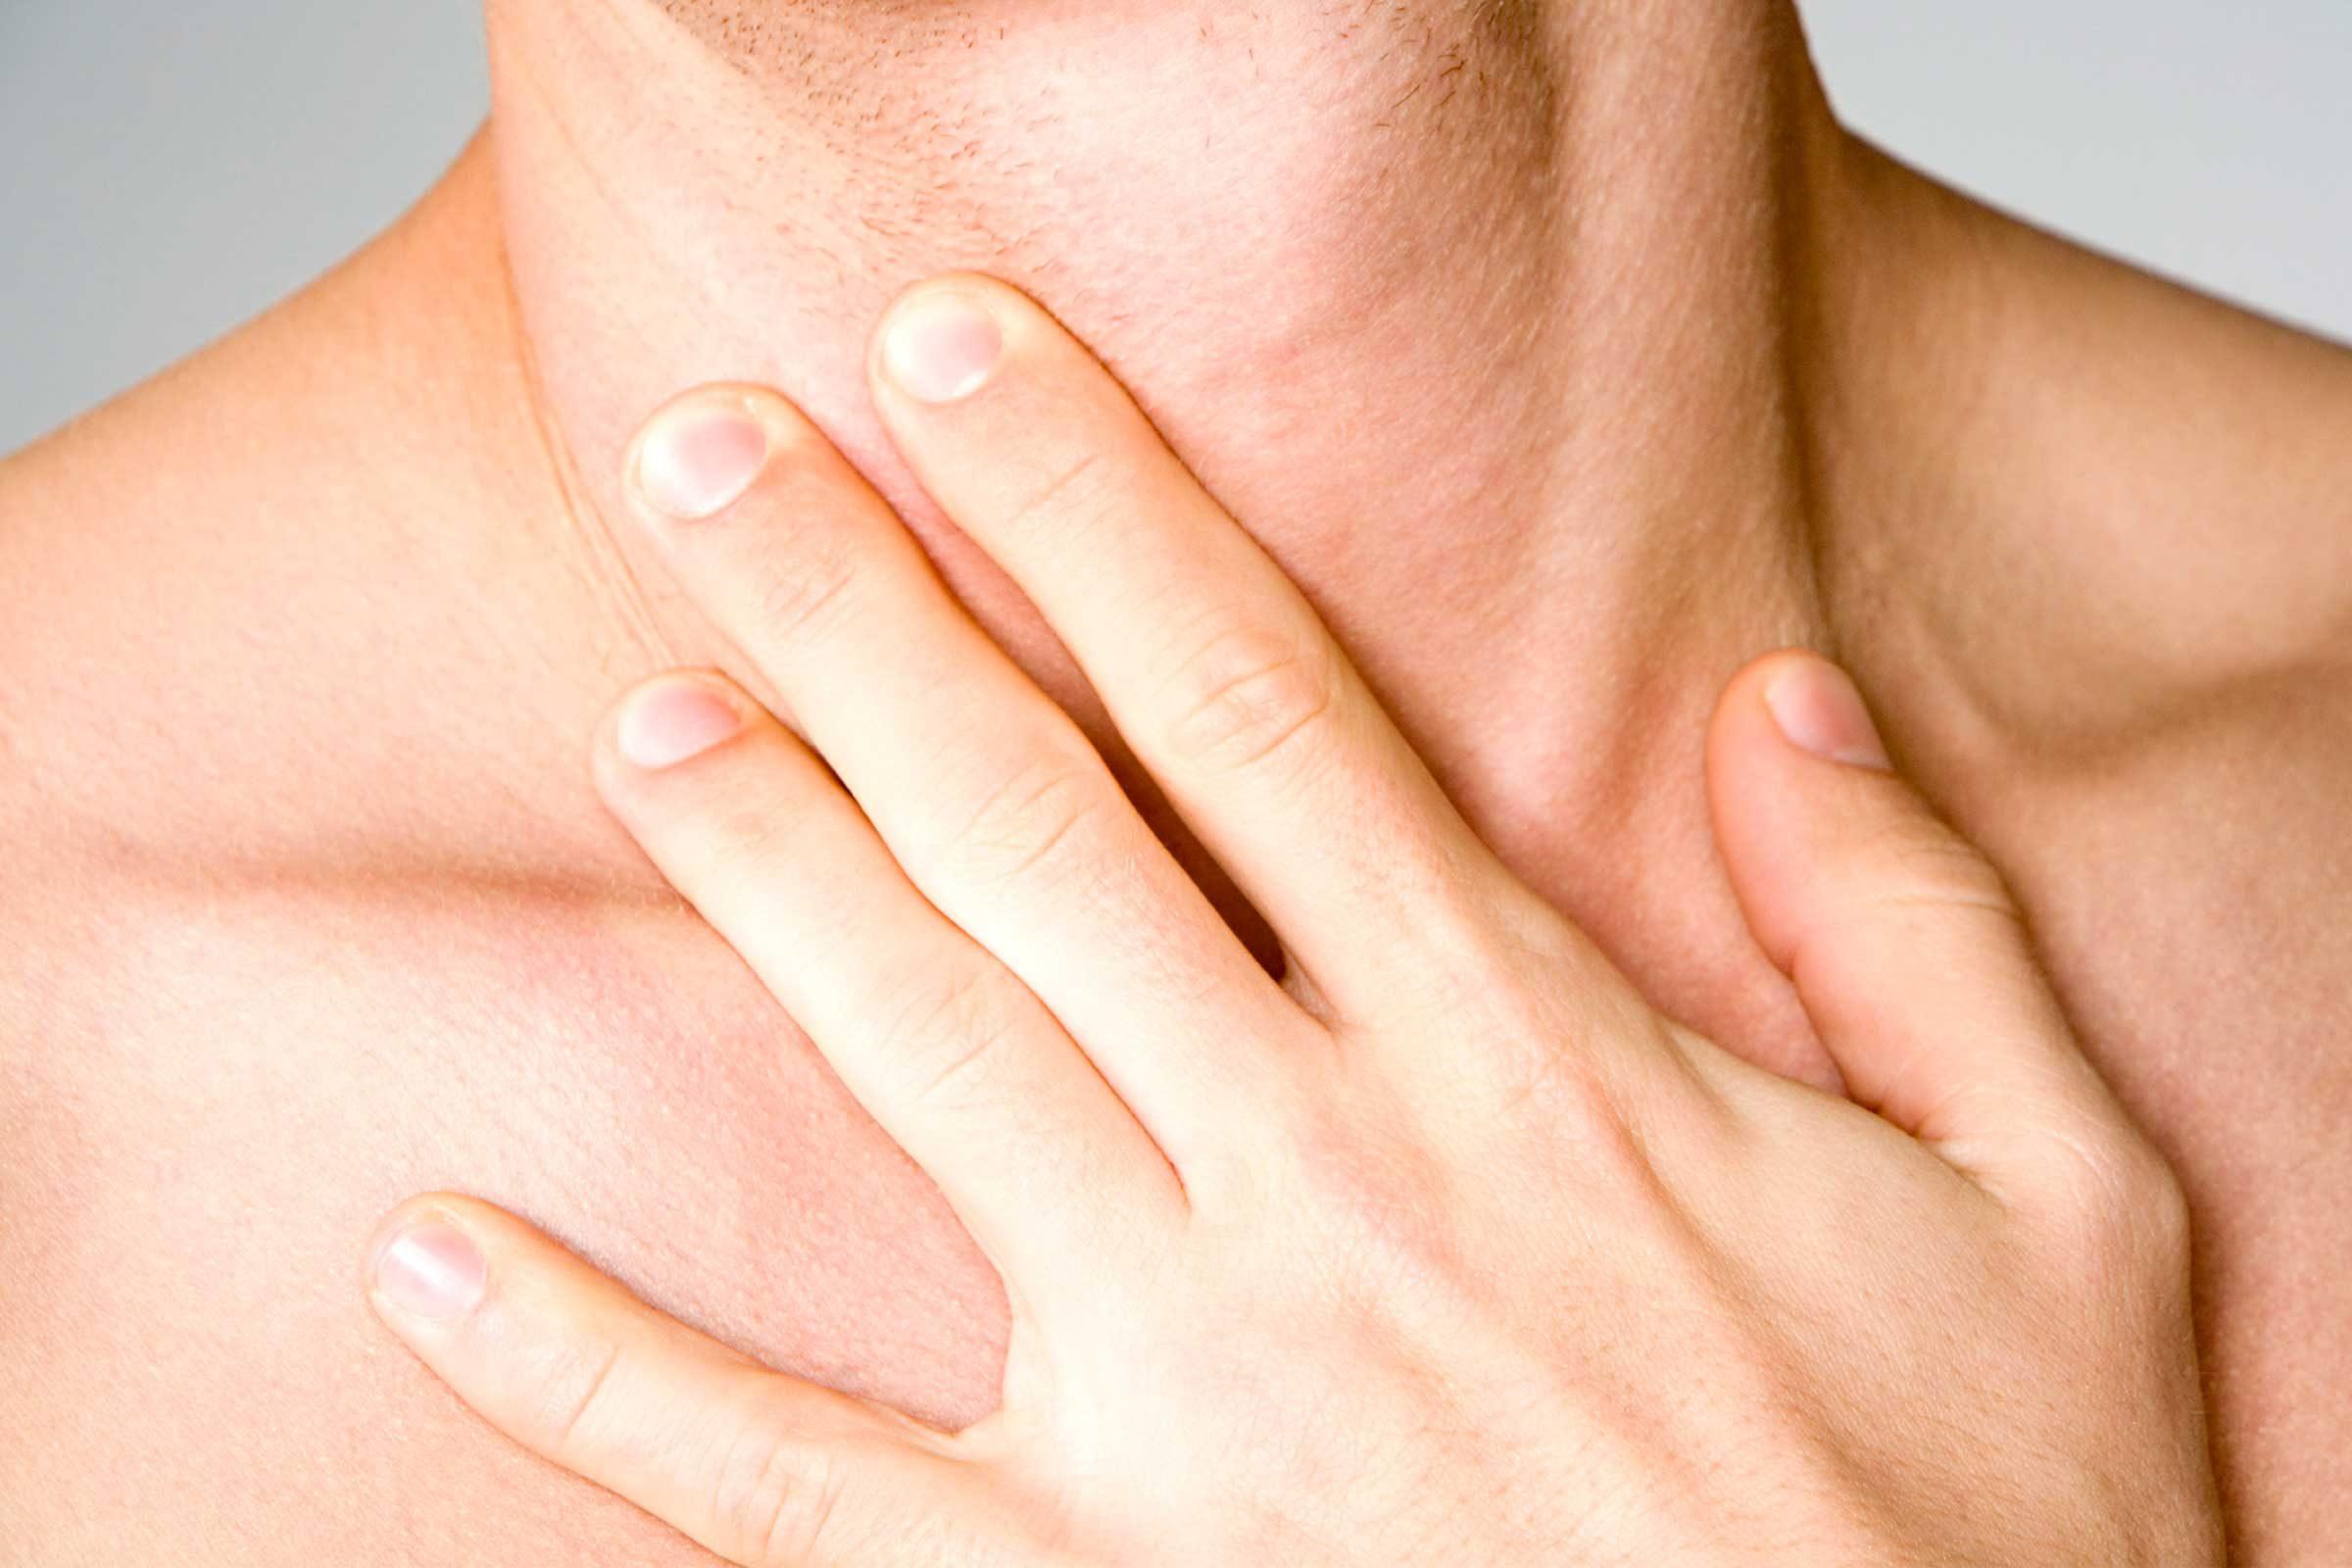 signes-manque-proteine-muscles-anemiques